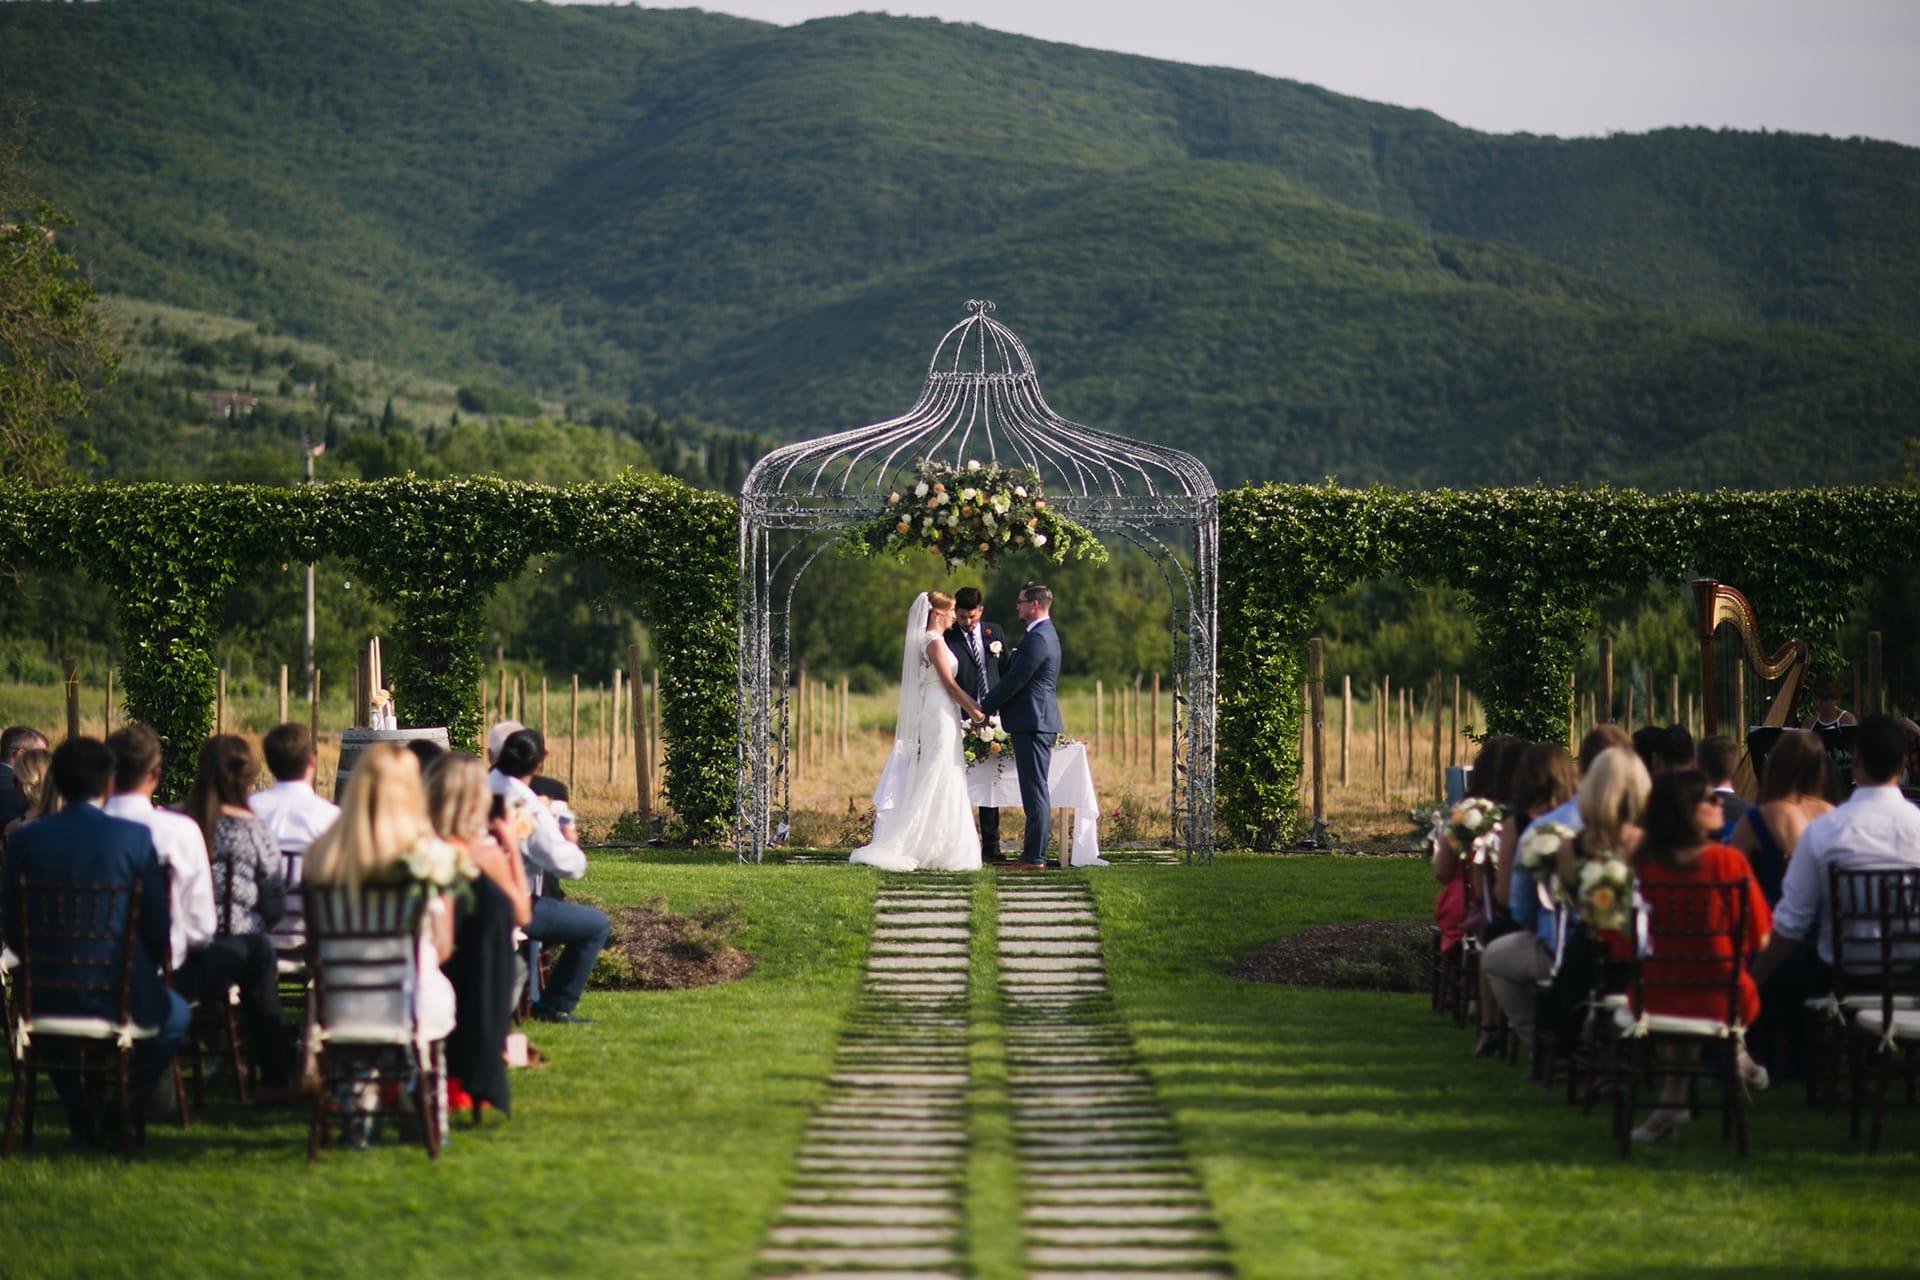 Wedding Location in Tuscany, Famiglia Buccelletti